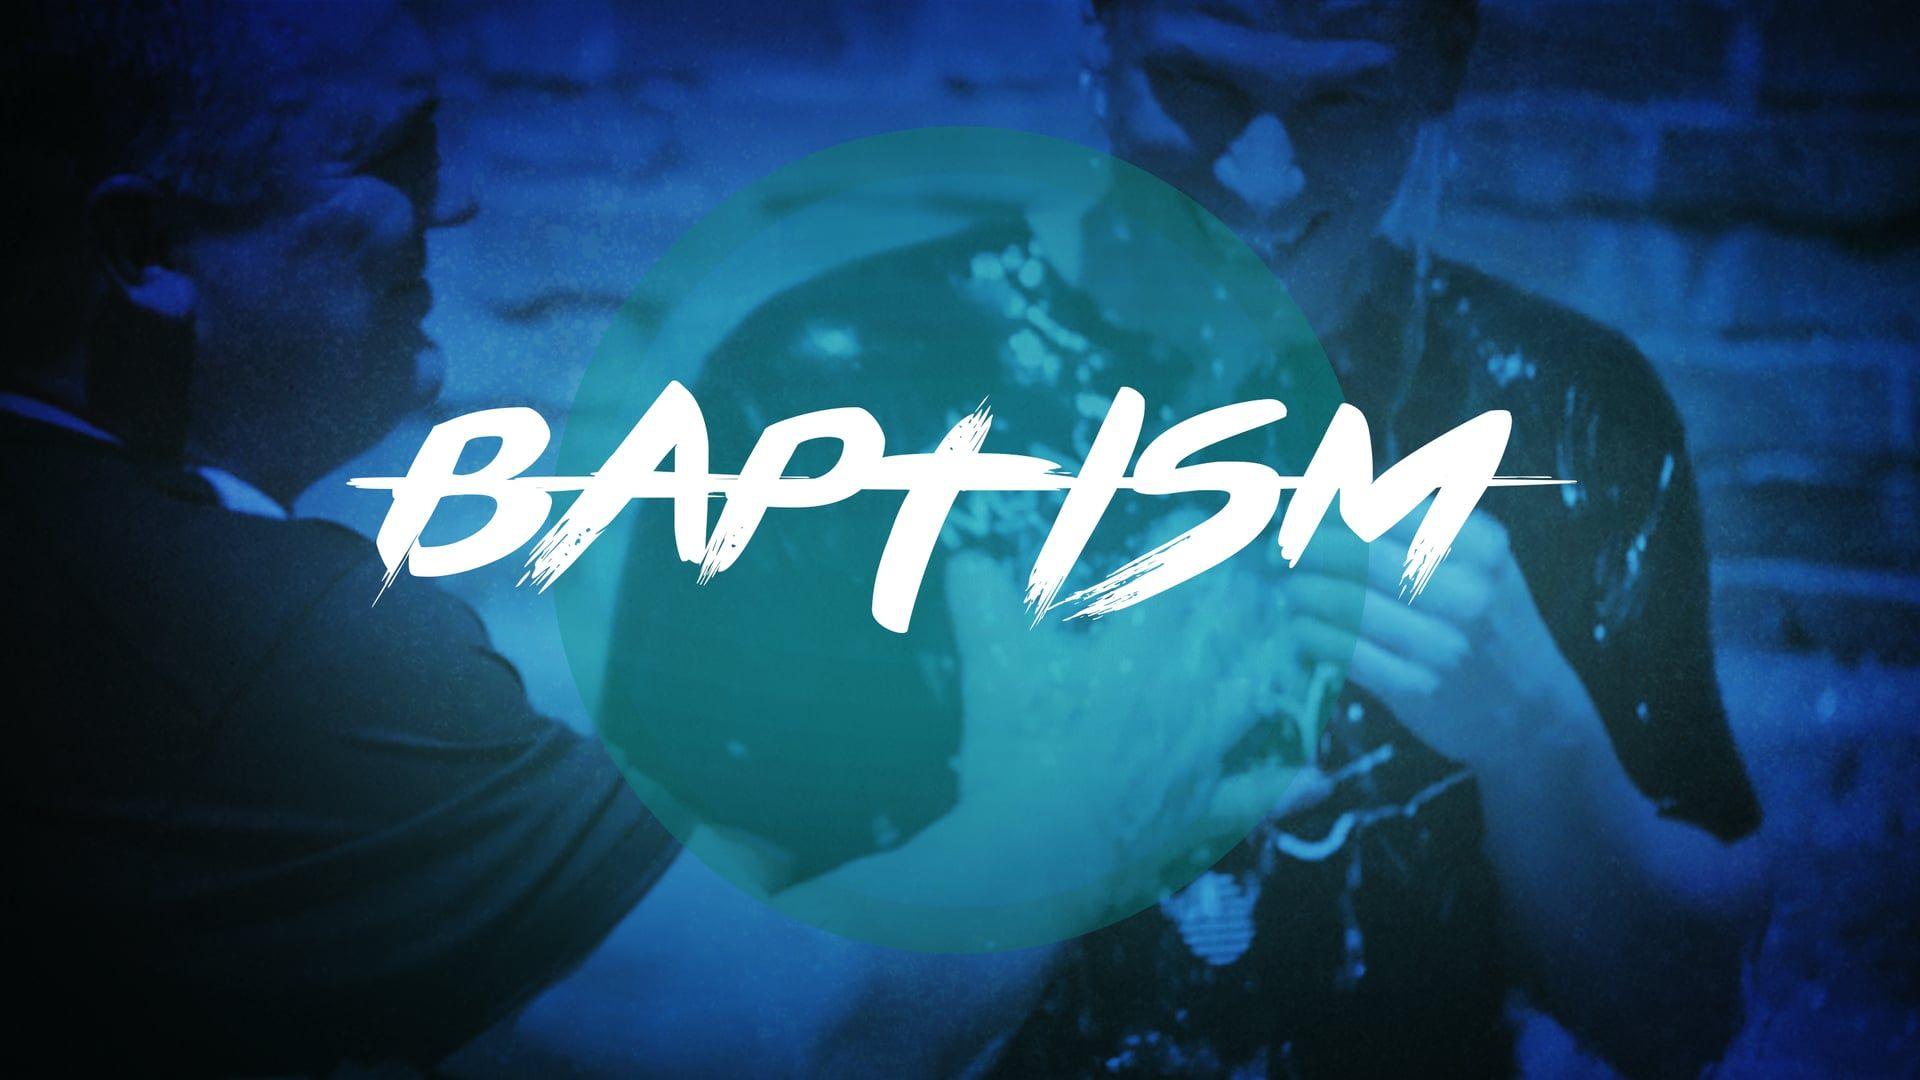 Baptism november 2015 baptism getting baptized neon signs